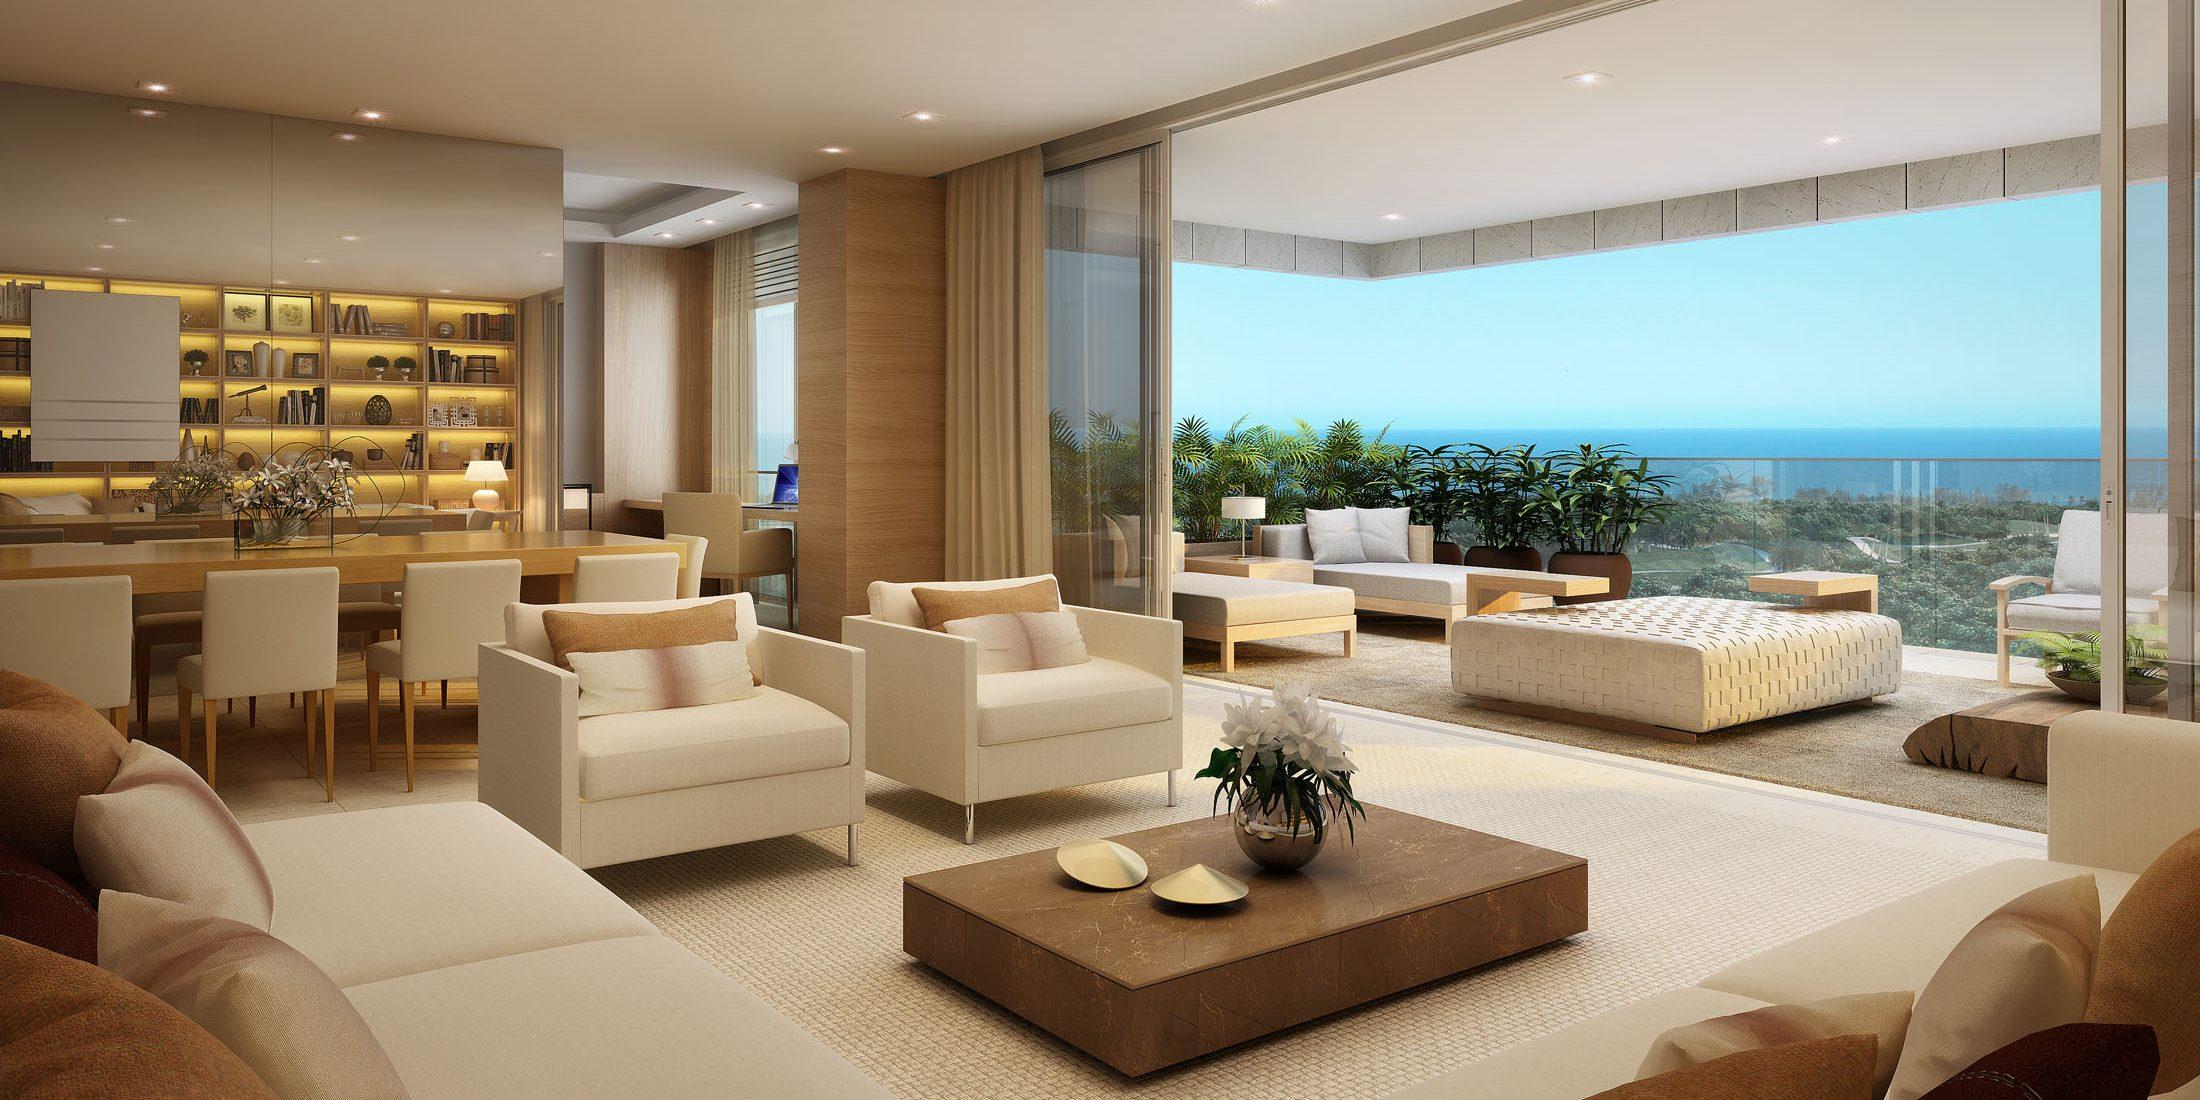 apartamento-de-luxo-decoracao-2200x1100